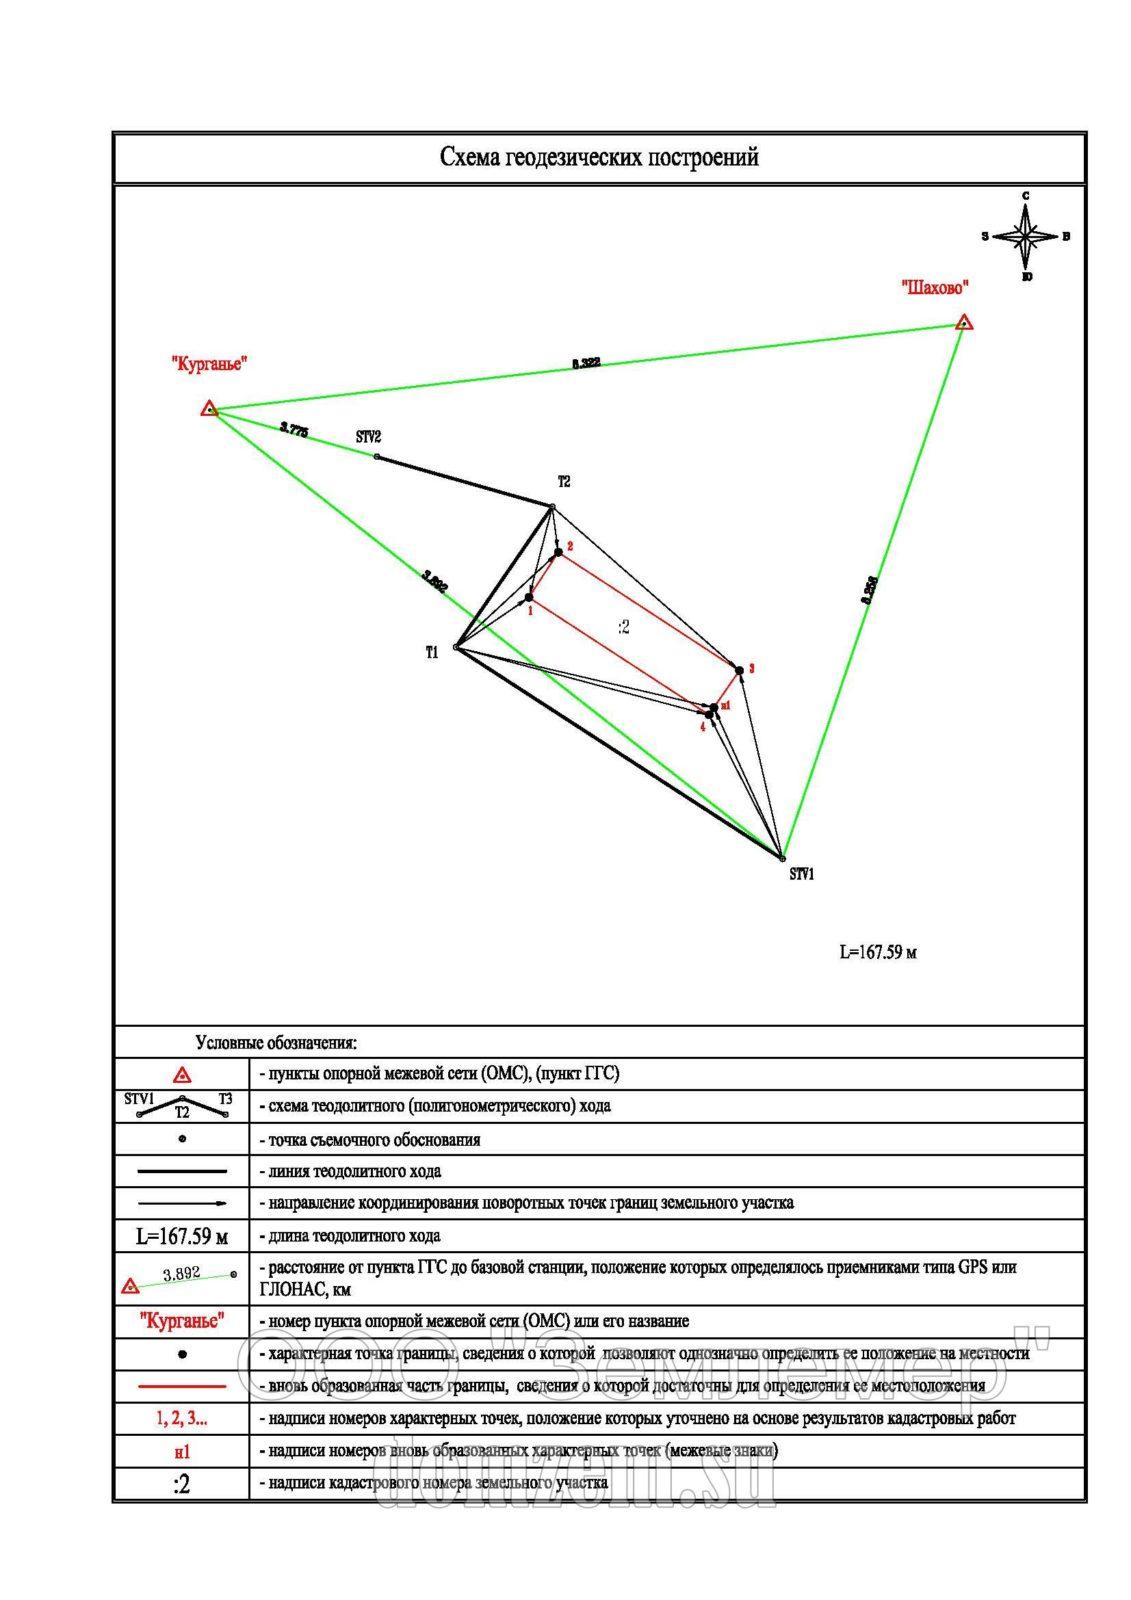 межевой план схема геодезических измерений